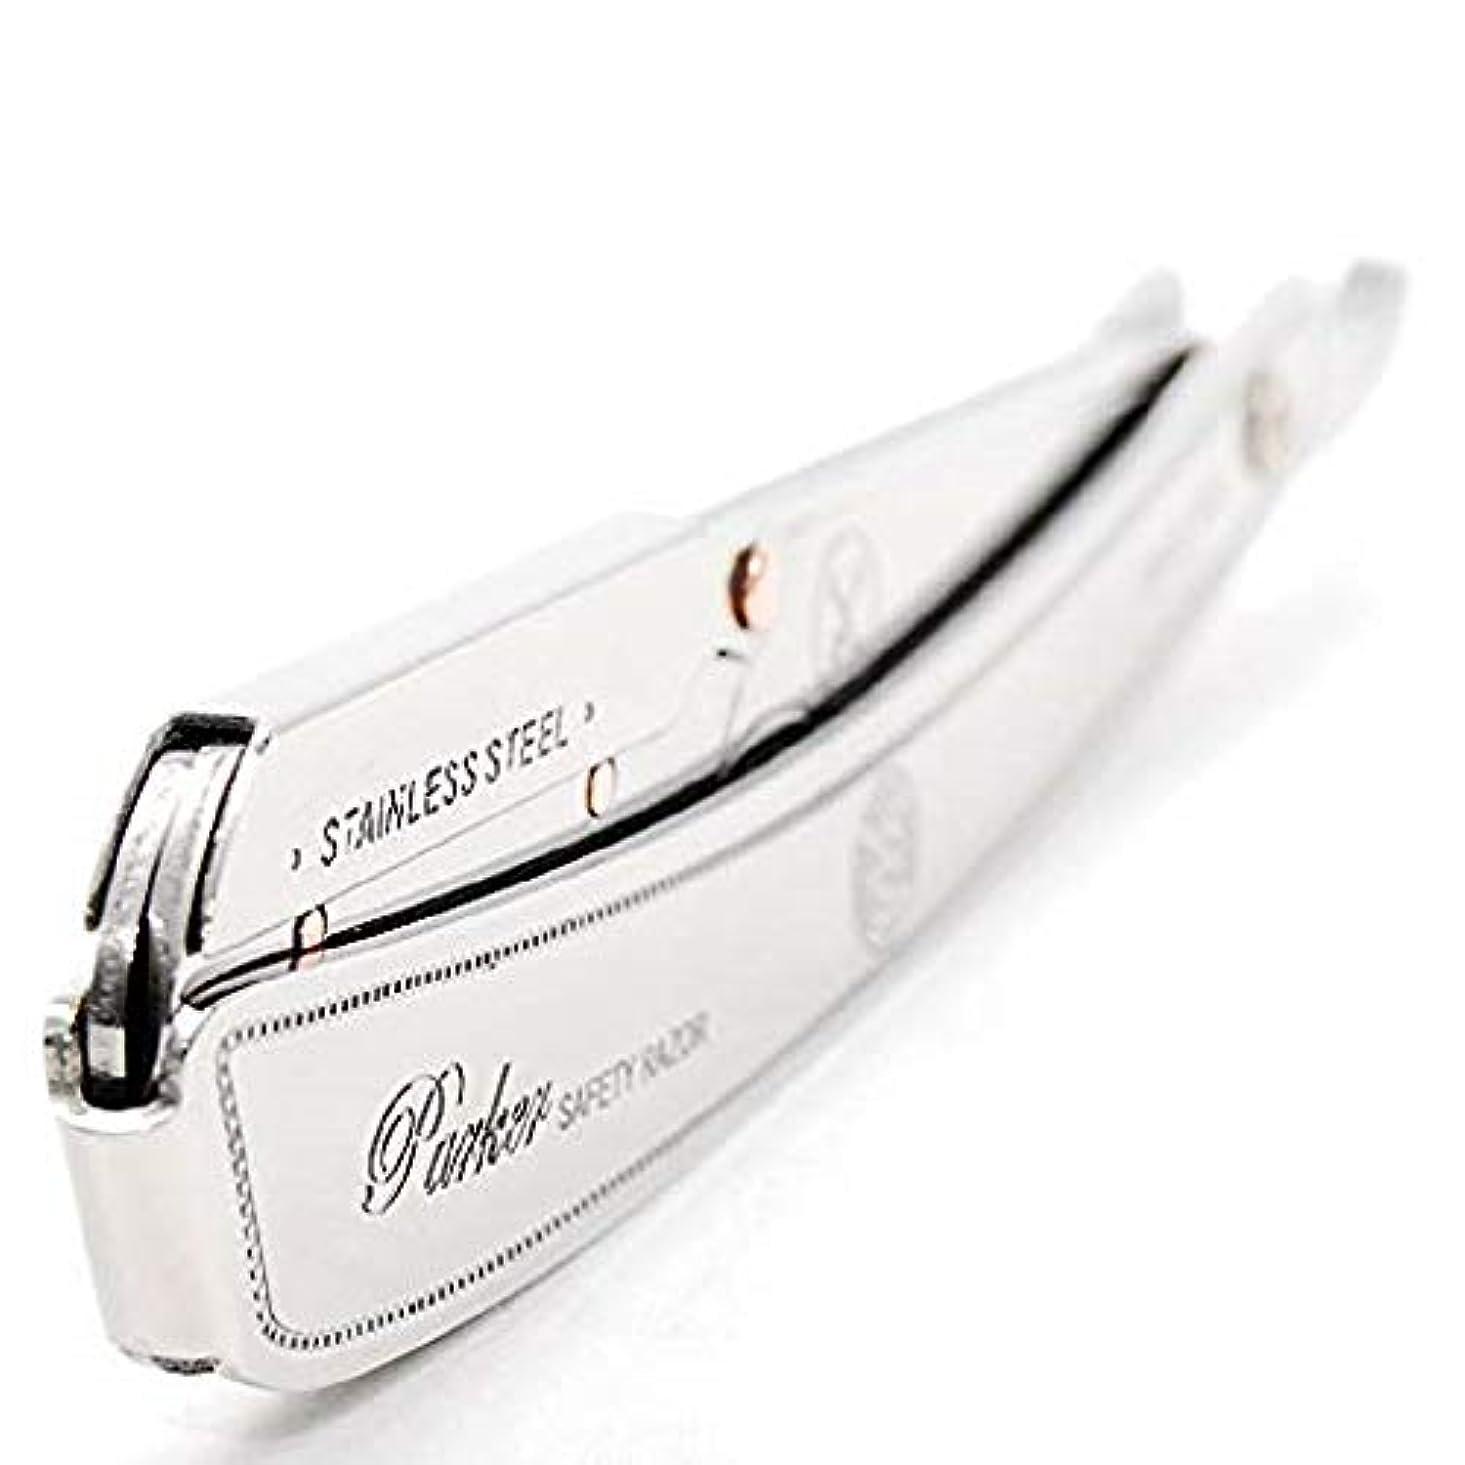 労苦メロドラマティック関係するパーカー(Parker) SRX 剃刀 プロ用 替刃100枚の2点セット [並行輸入品]